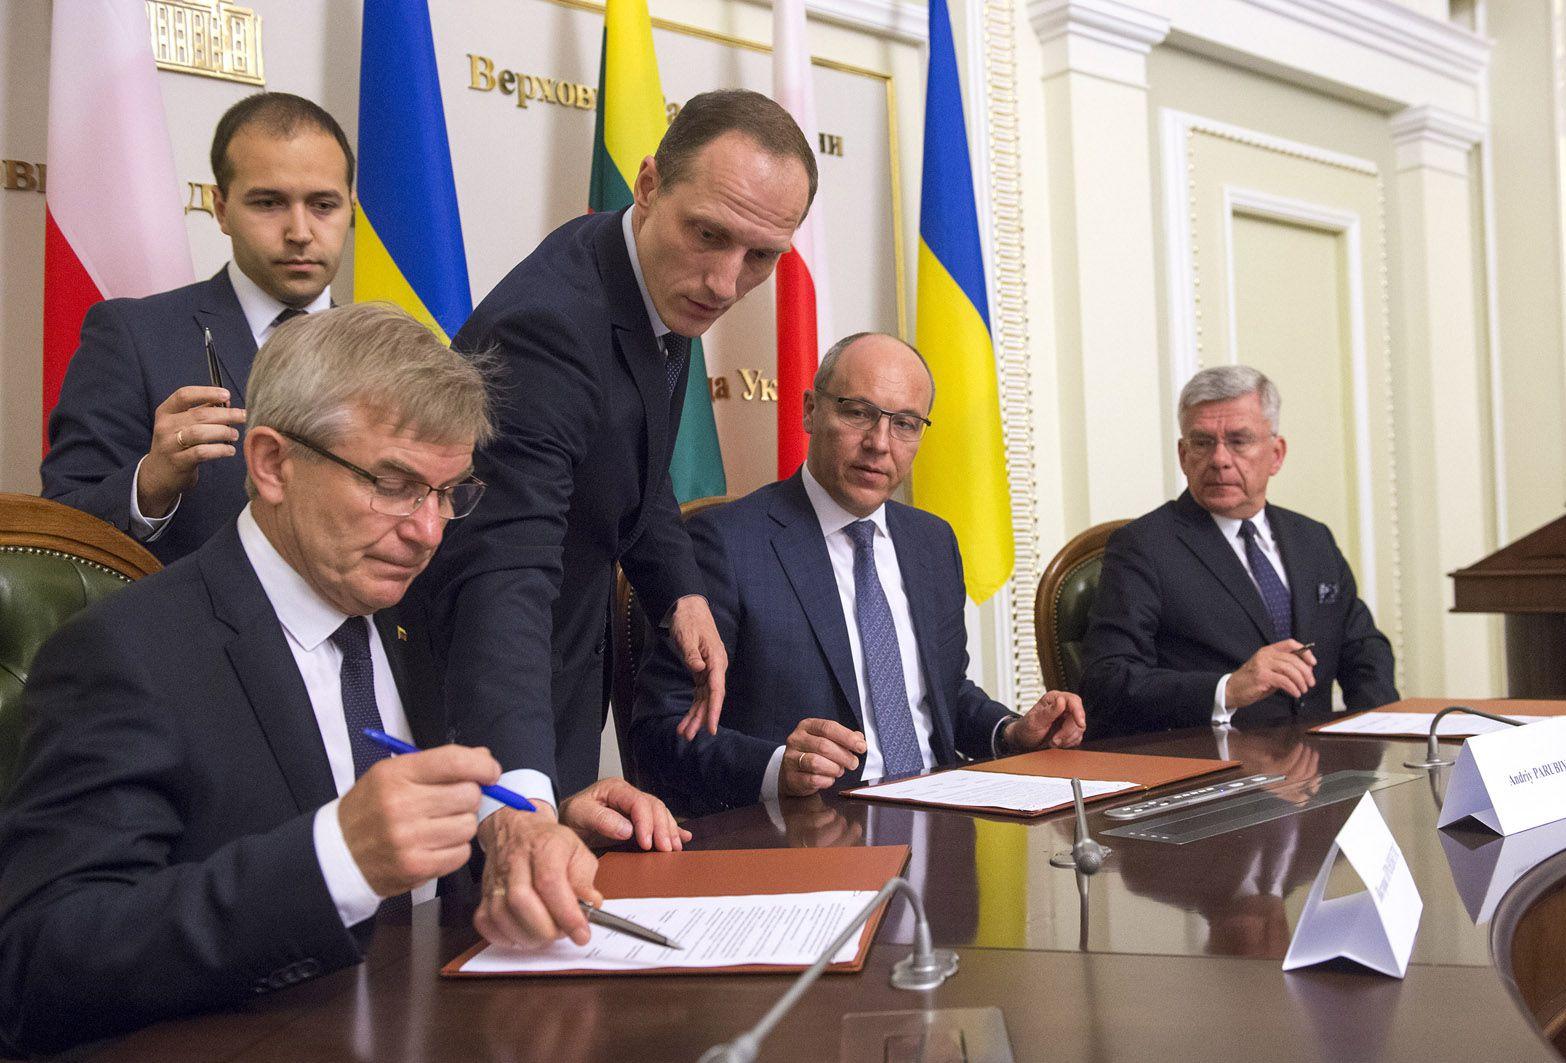 Вікно можливостей для набуття повноправного членства в Європейському Союзі має стати реальністю